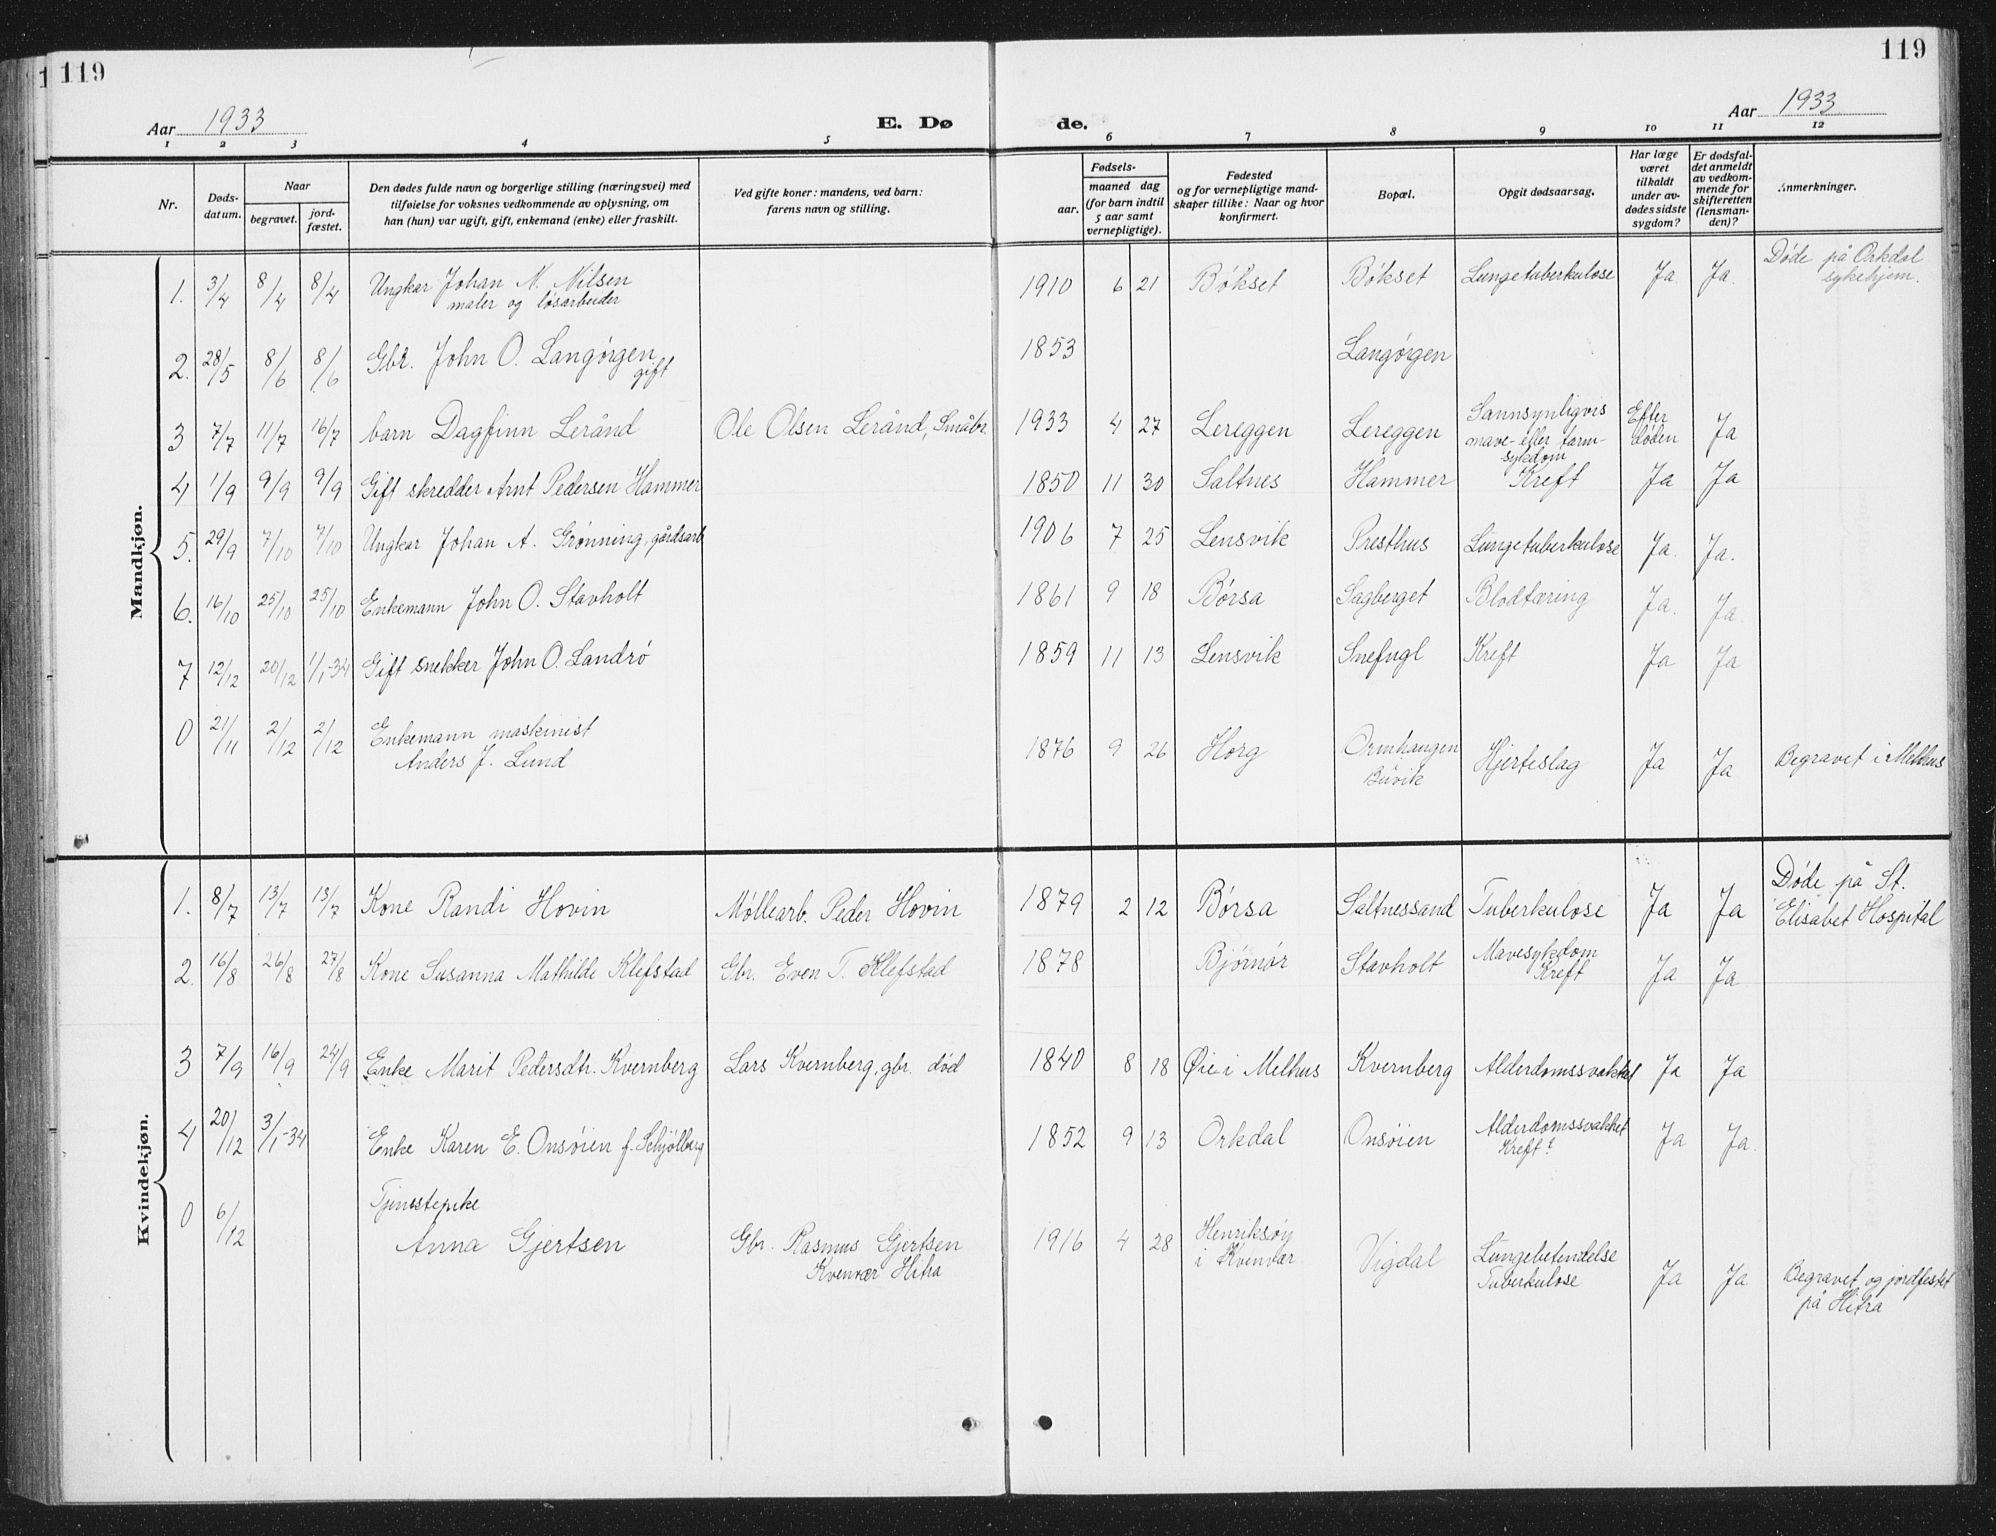 SAT, Ministerialprotokoller, klokkerbøker og fødselsregistre - Sør-Trøndelag, 666/L0791: Klokkerbok nr. 666C04, 1909-1939, s. 119